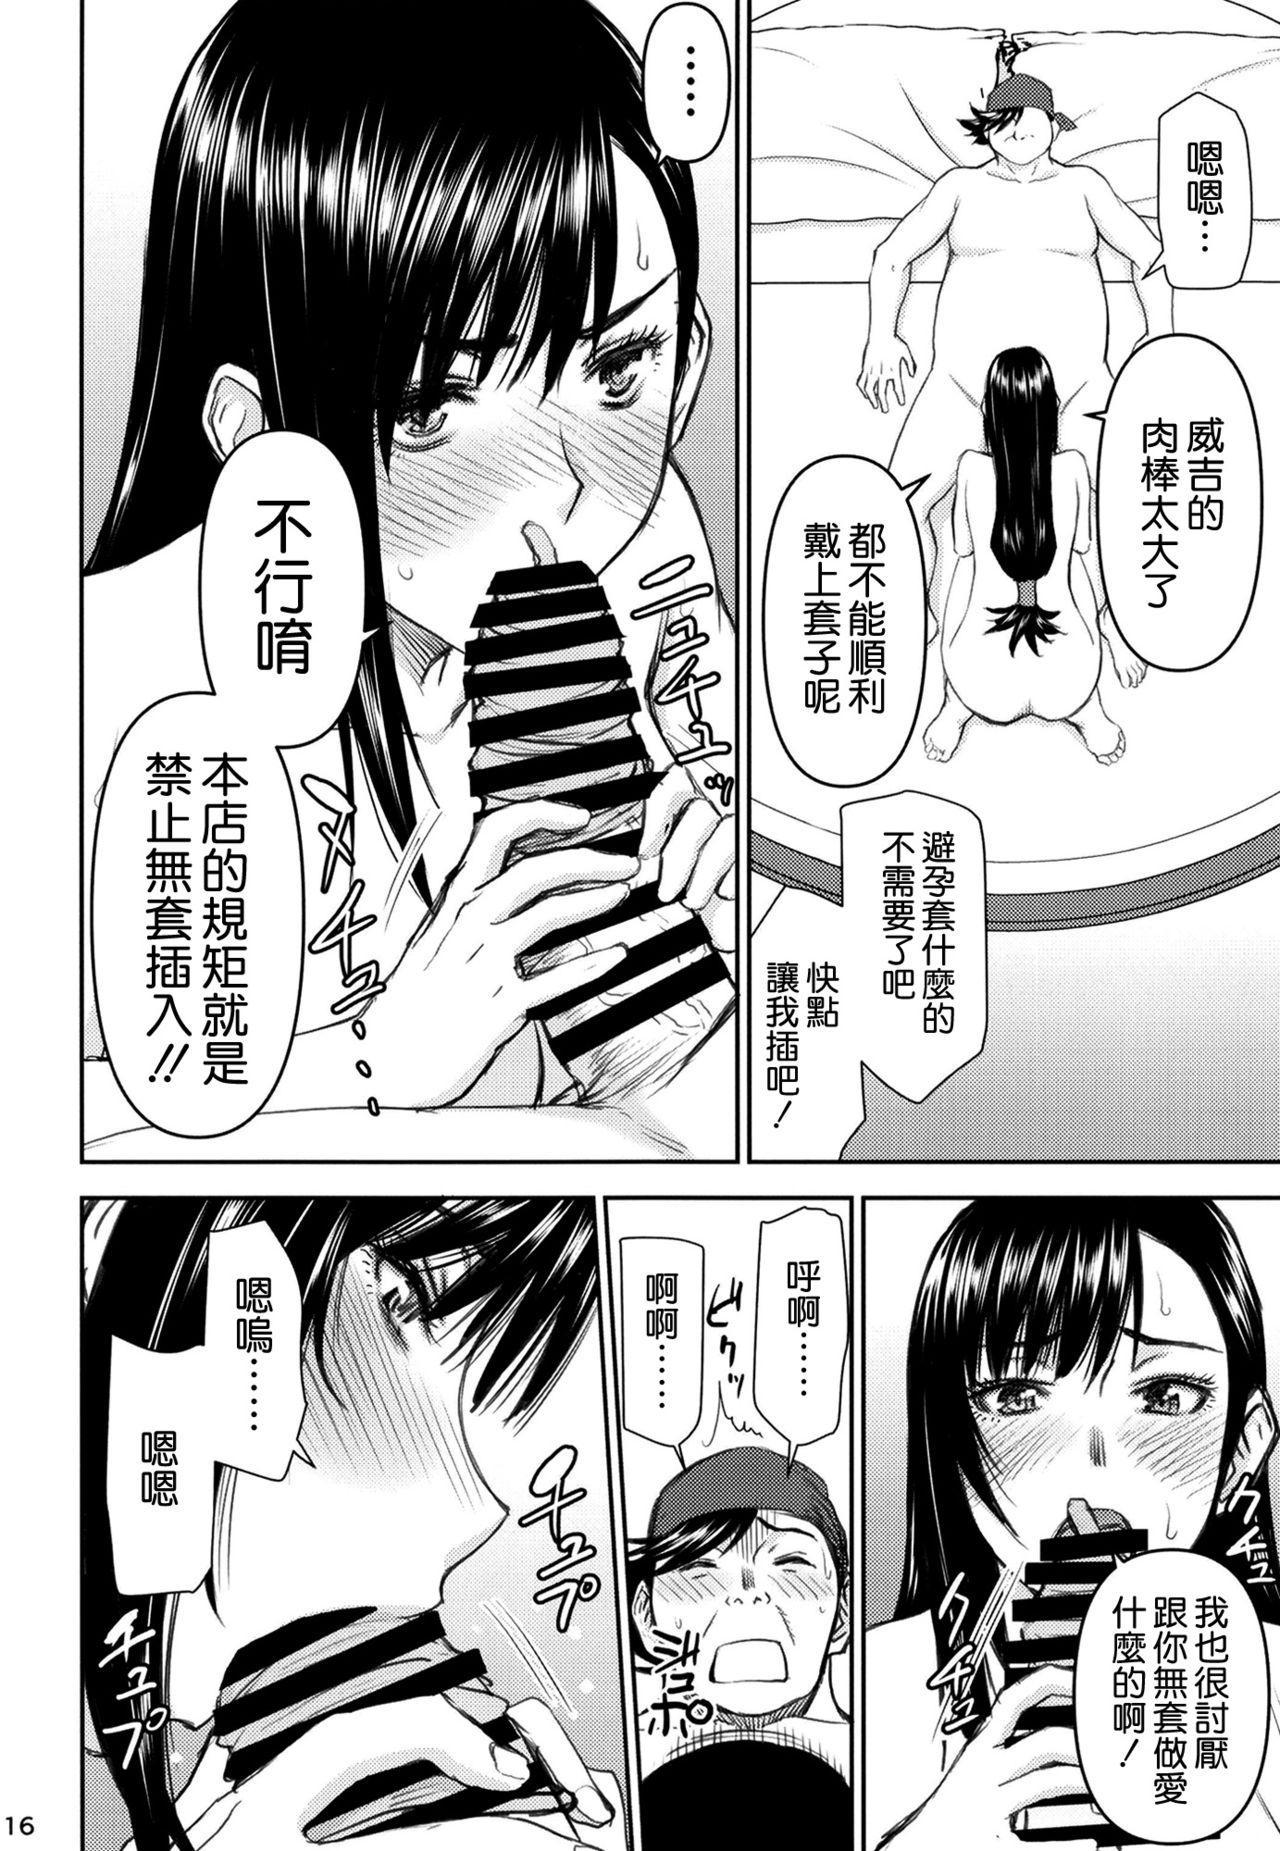 Tifa-san no Fuuzoku Kinmu 15